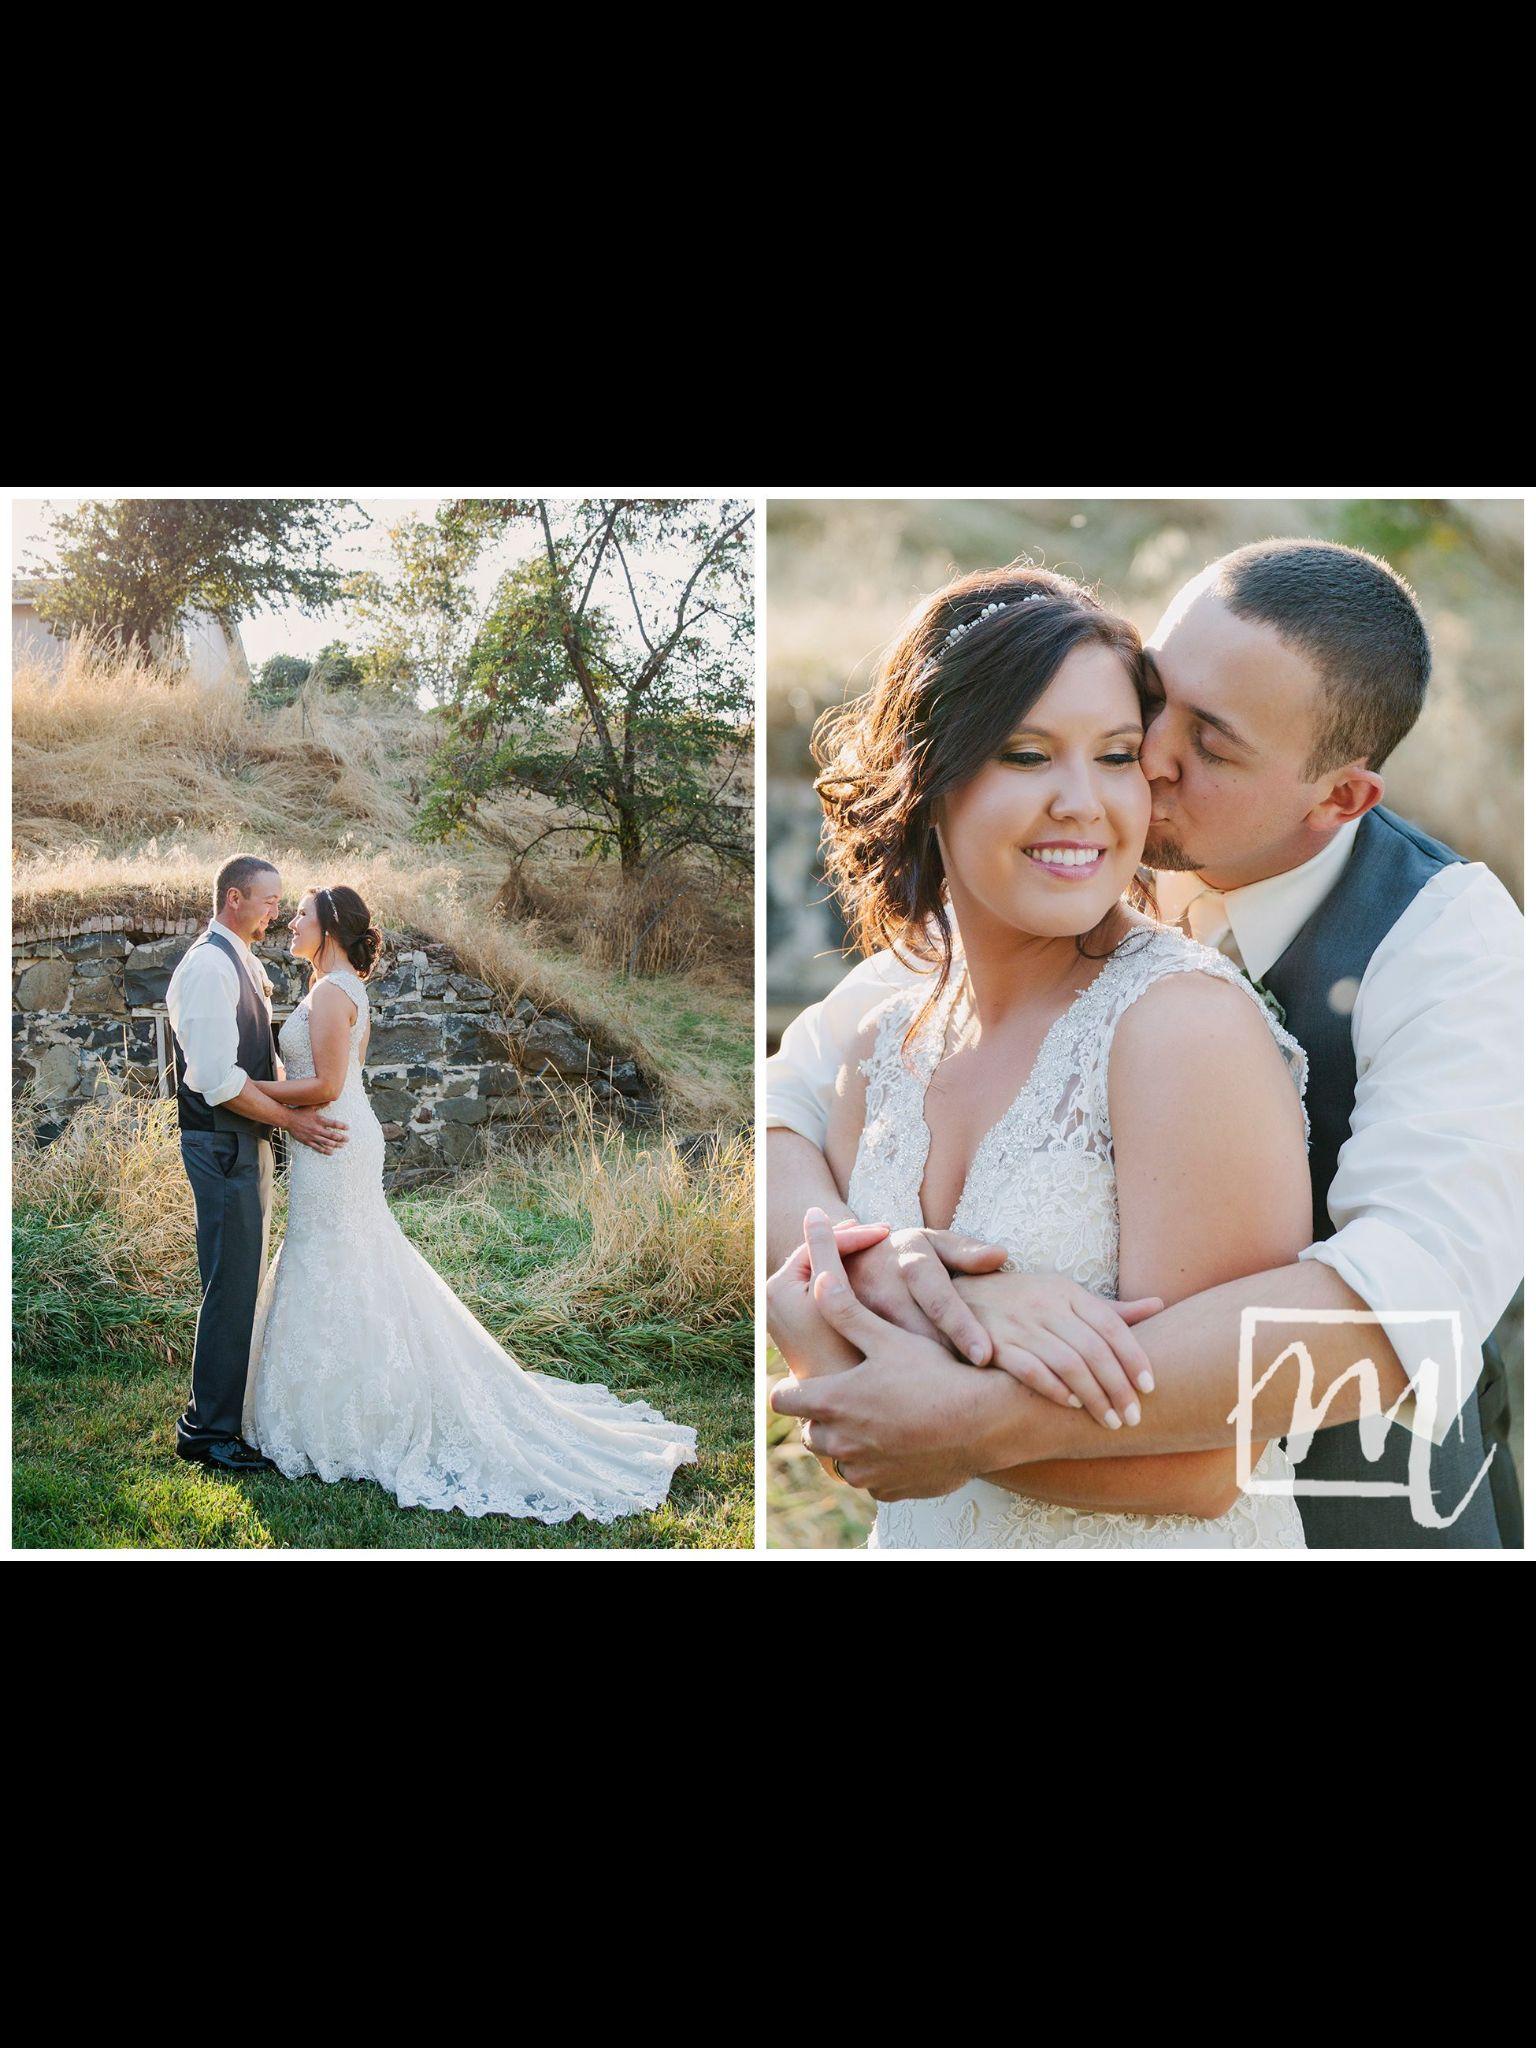 Weddings Melissa McFadden Photography In Walla Washington